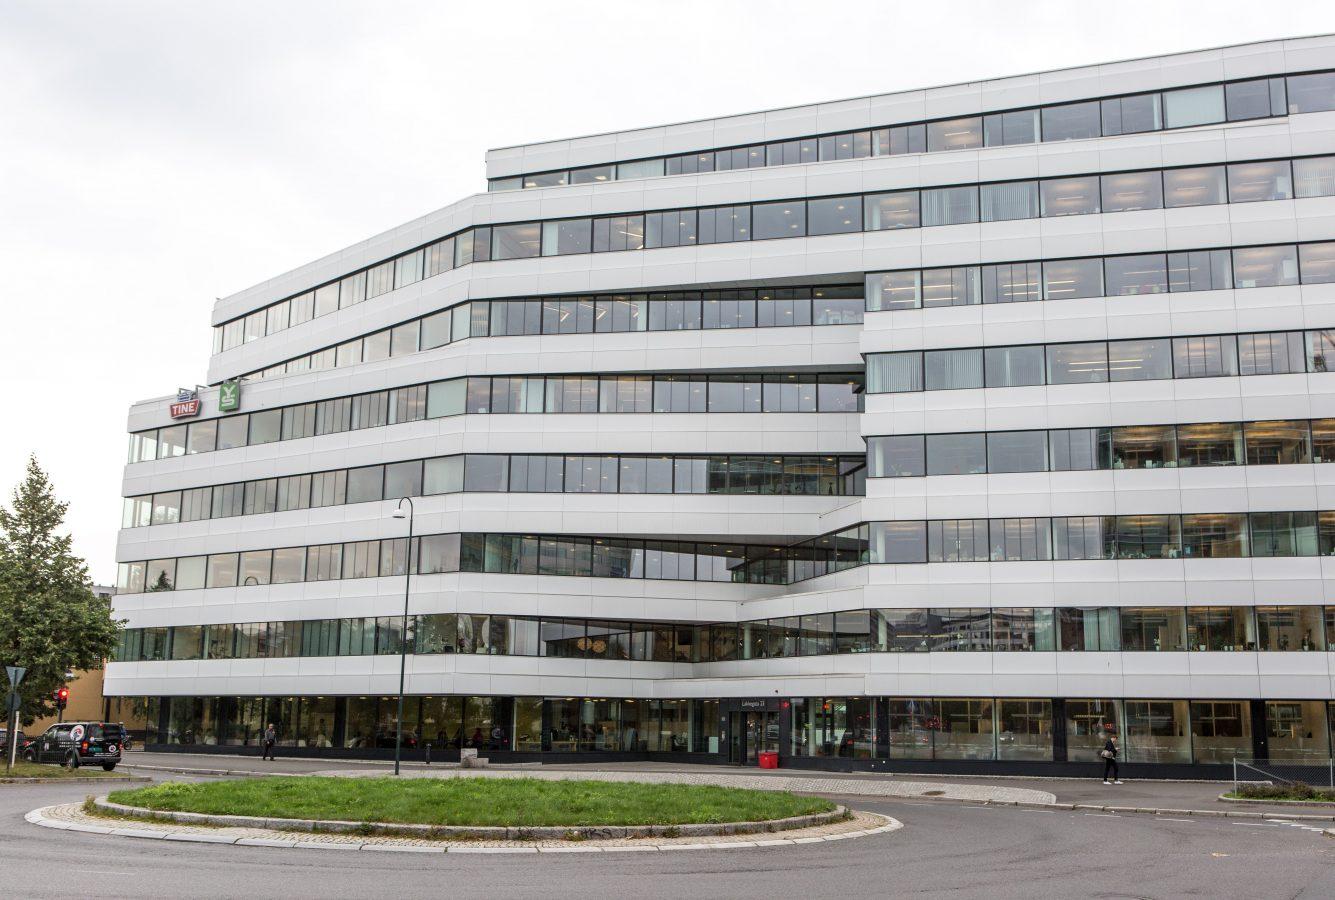 Bilde av en stor, hvit bygning med mange vinduer. På huset henger to skilt, hvor det står Tine og YS.